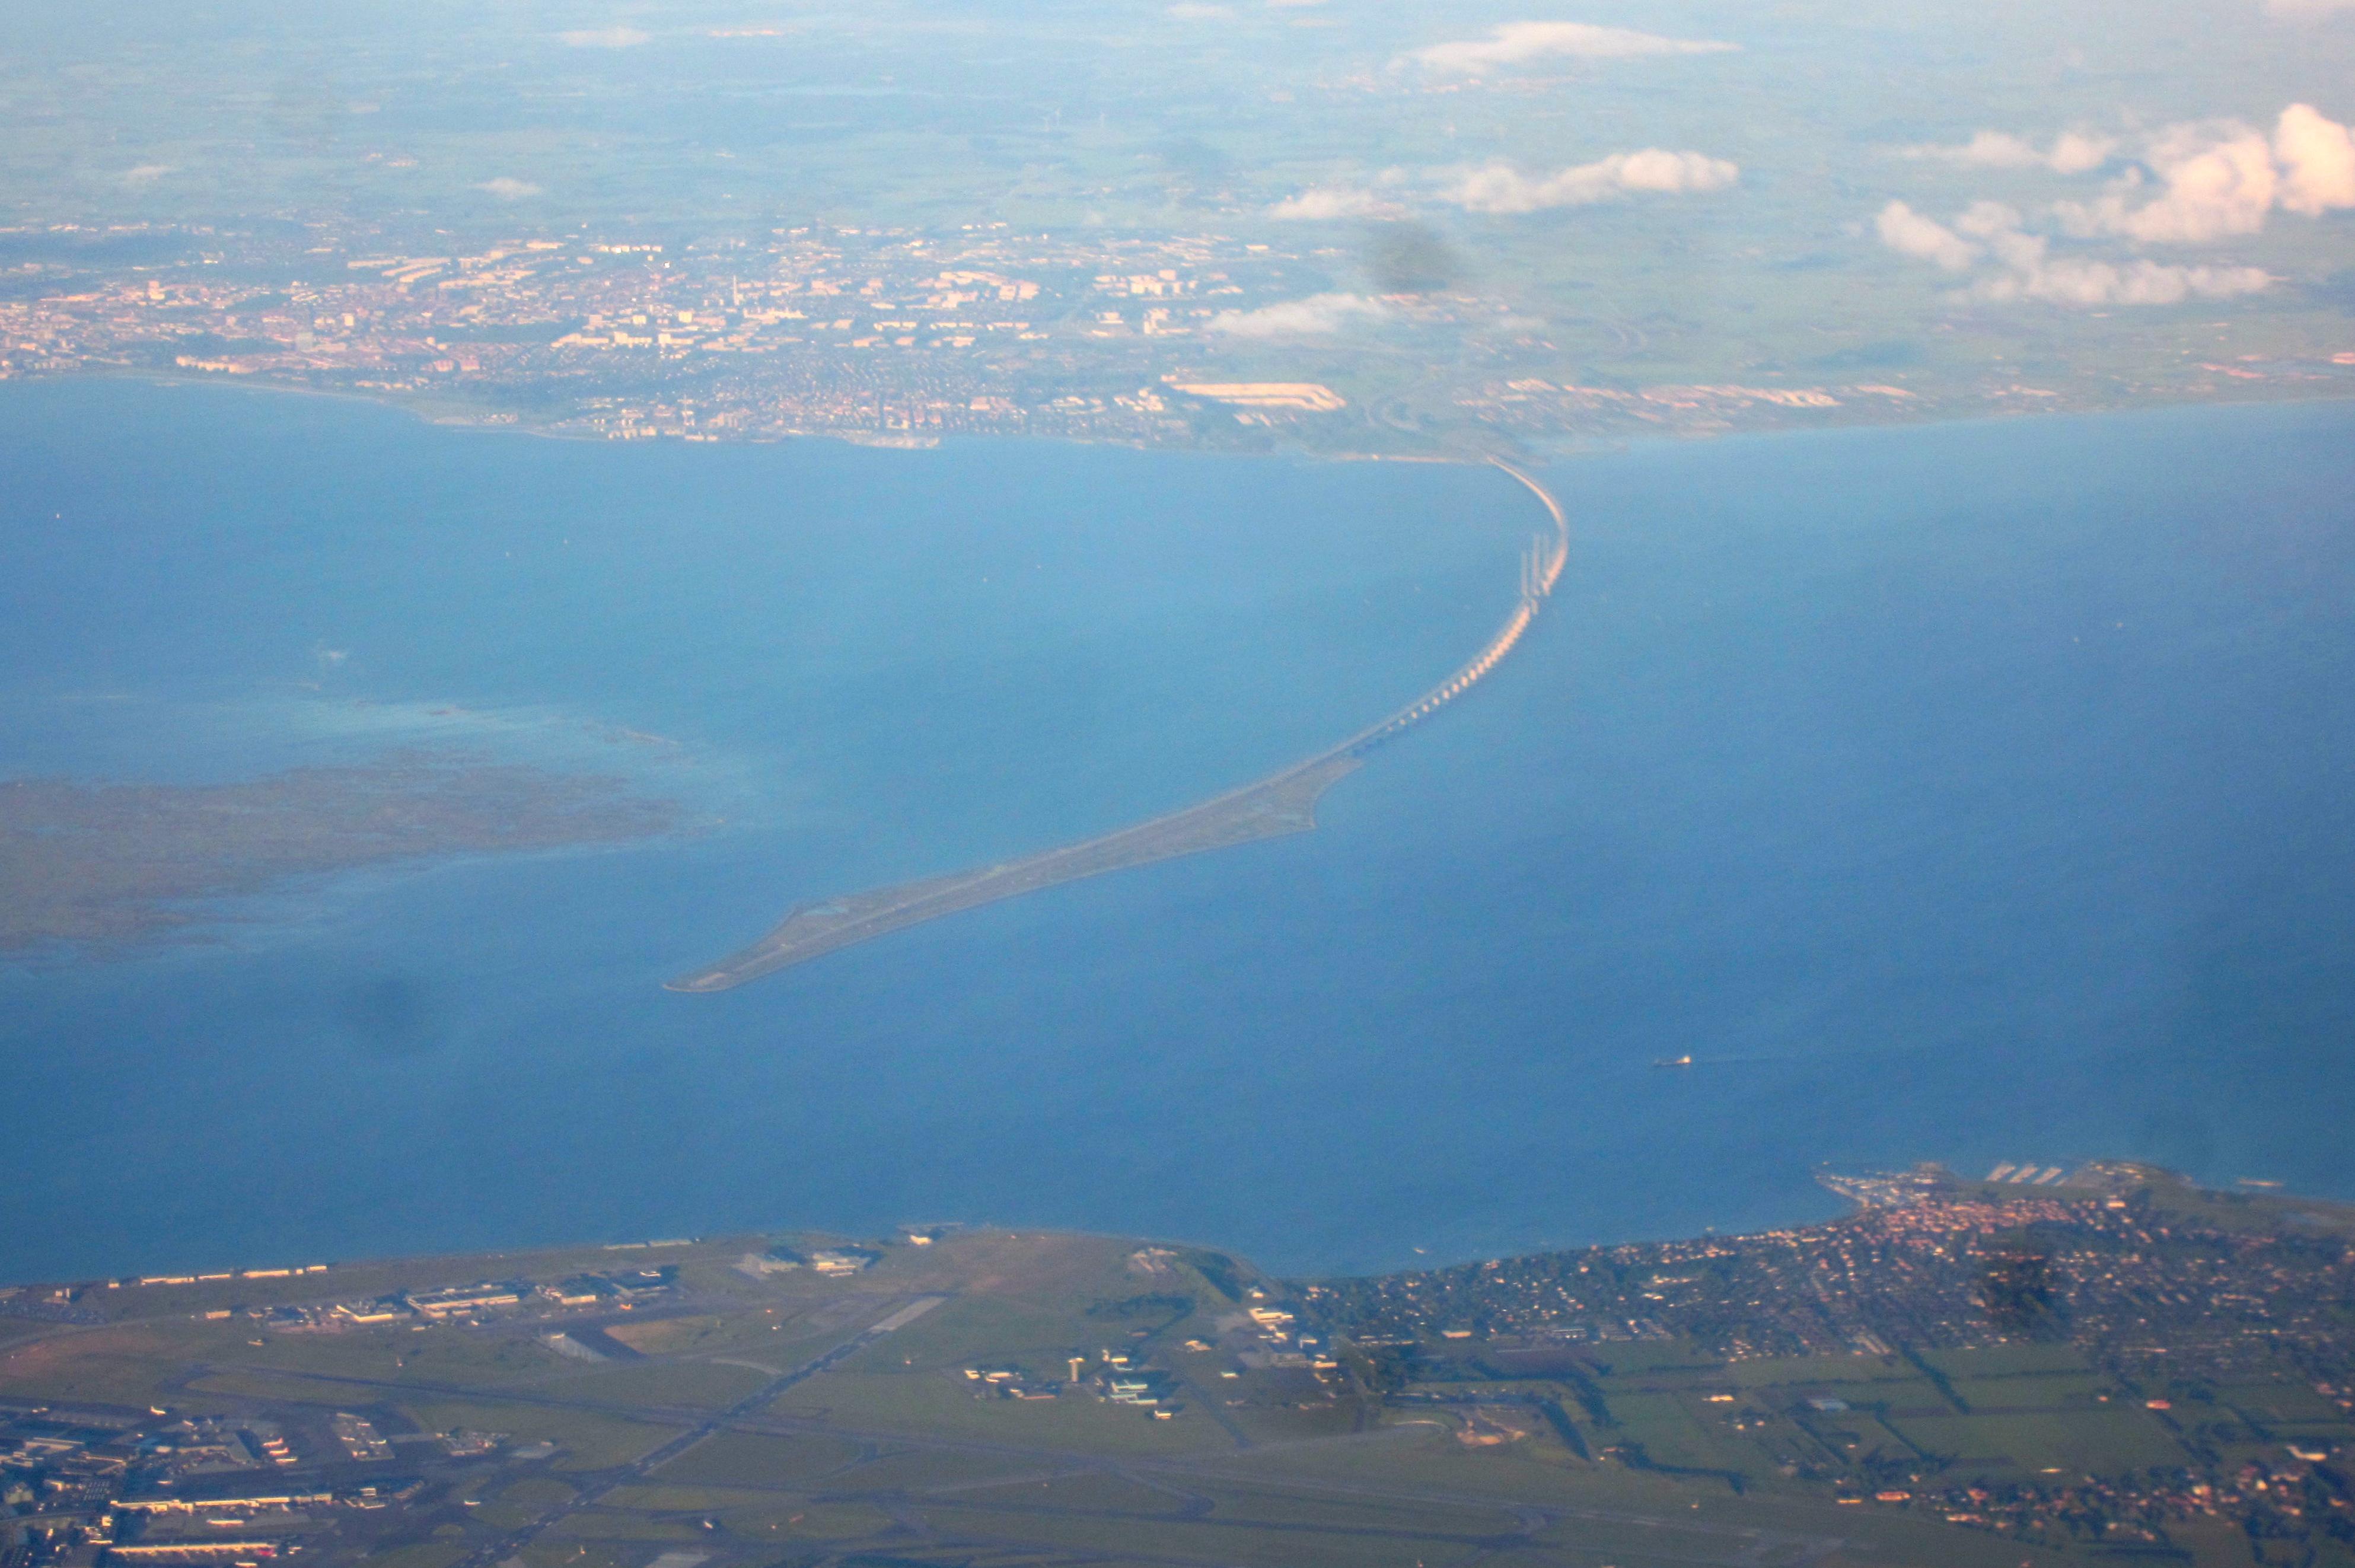 Вид на Эресуннский мост с пассажирского самолета, летящего в Копенгаген. Источник https://upload.wikimedia.org/